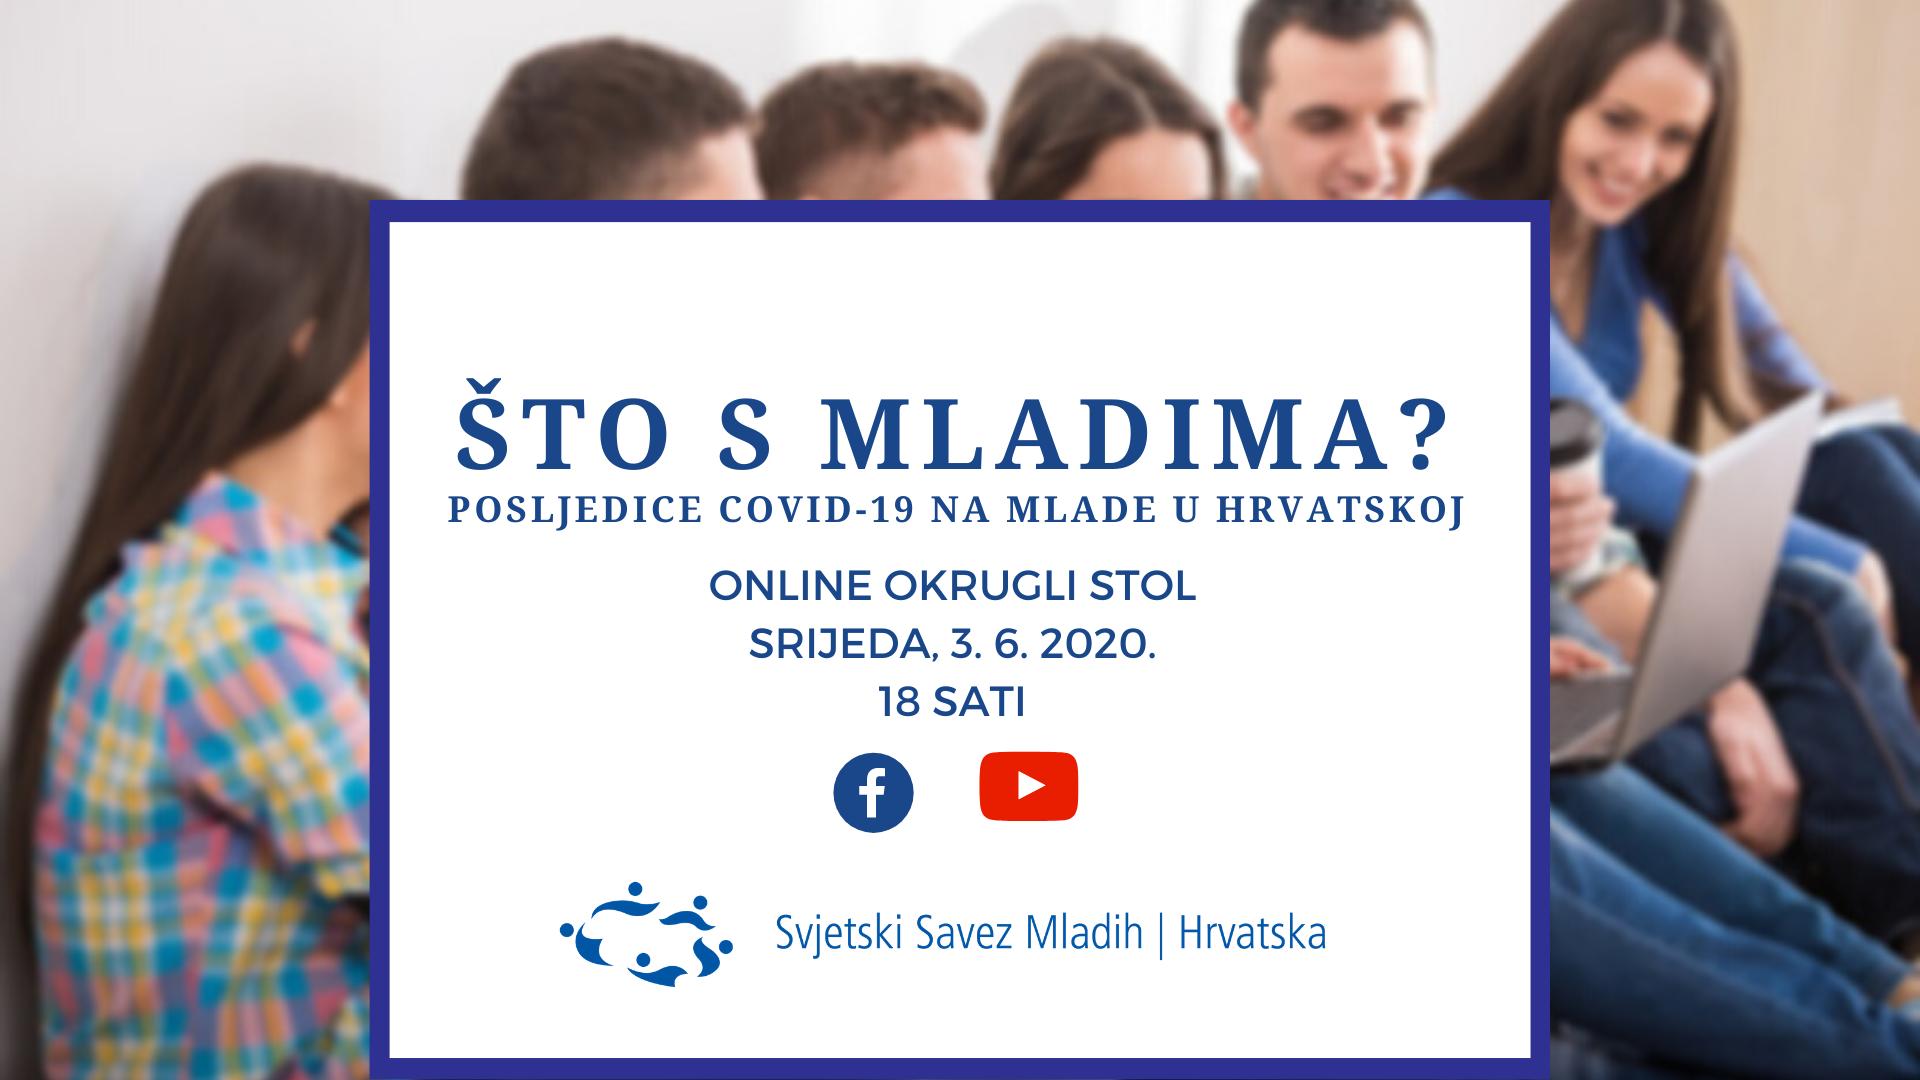 SSMH otvara javnu raspravu o utjecaju COVID-19 na mlade u Hrvatskoj